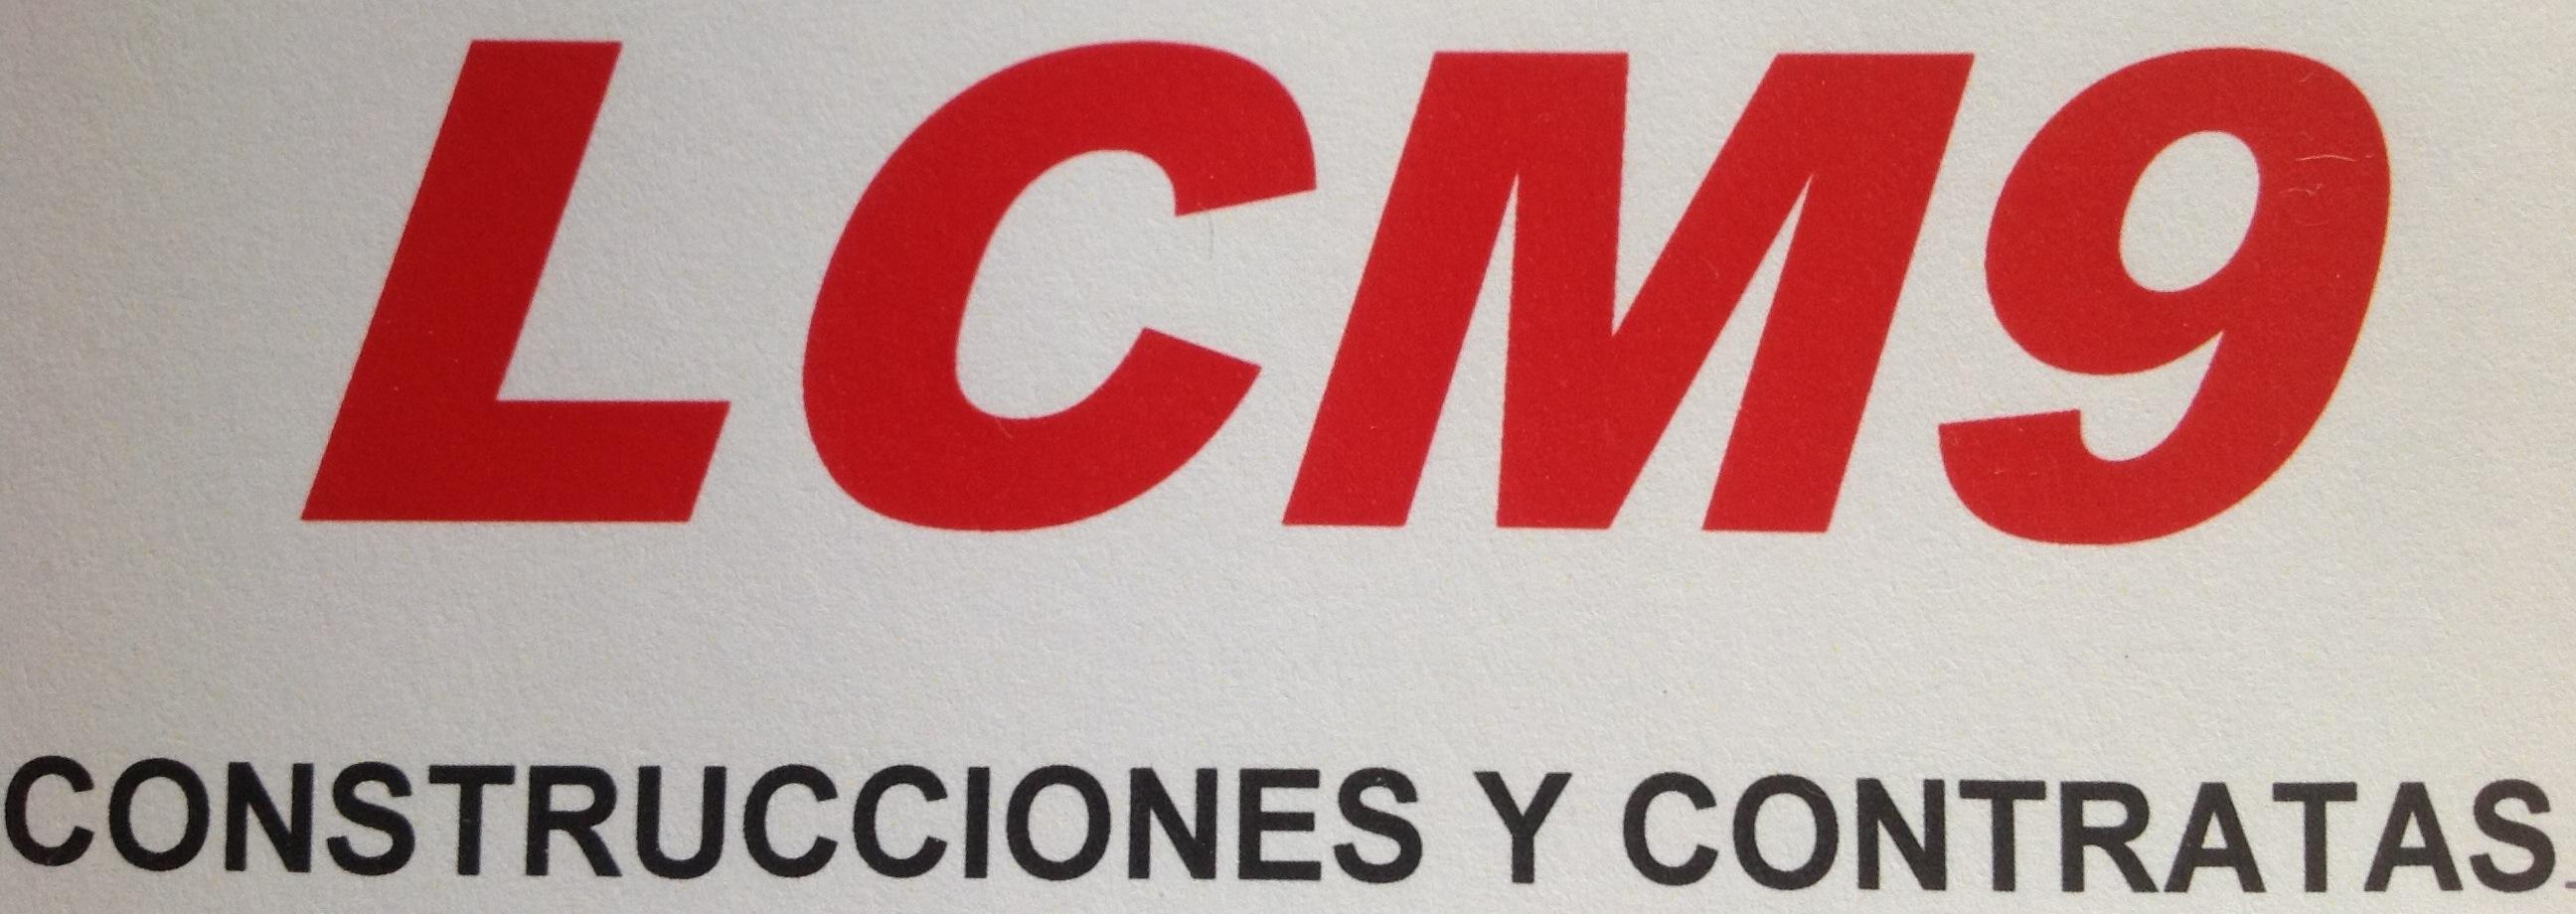 Lcm9 Rehabilitación Y Construcción